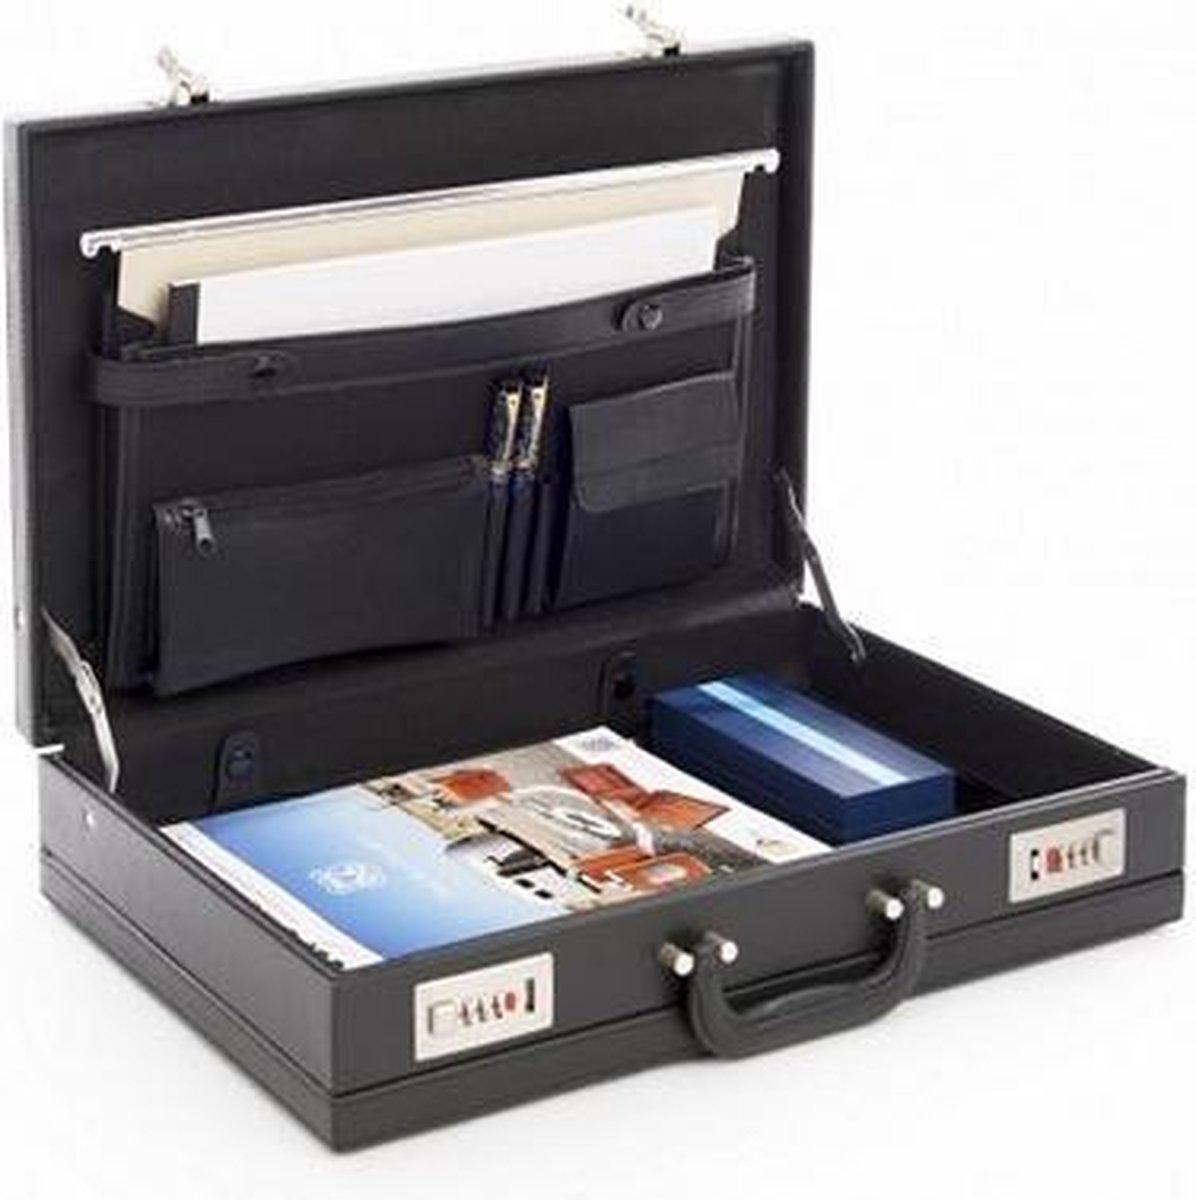 Attachékoffer Zwart - Kunstleer - Documentenkoffer - Cijferslot - Laptopkoffer - A4 Formaat - Attach